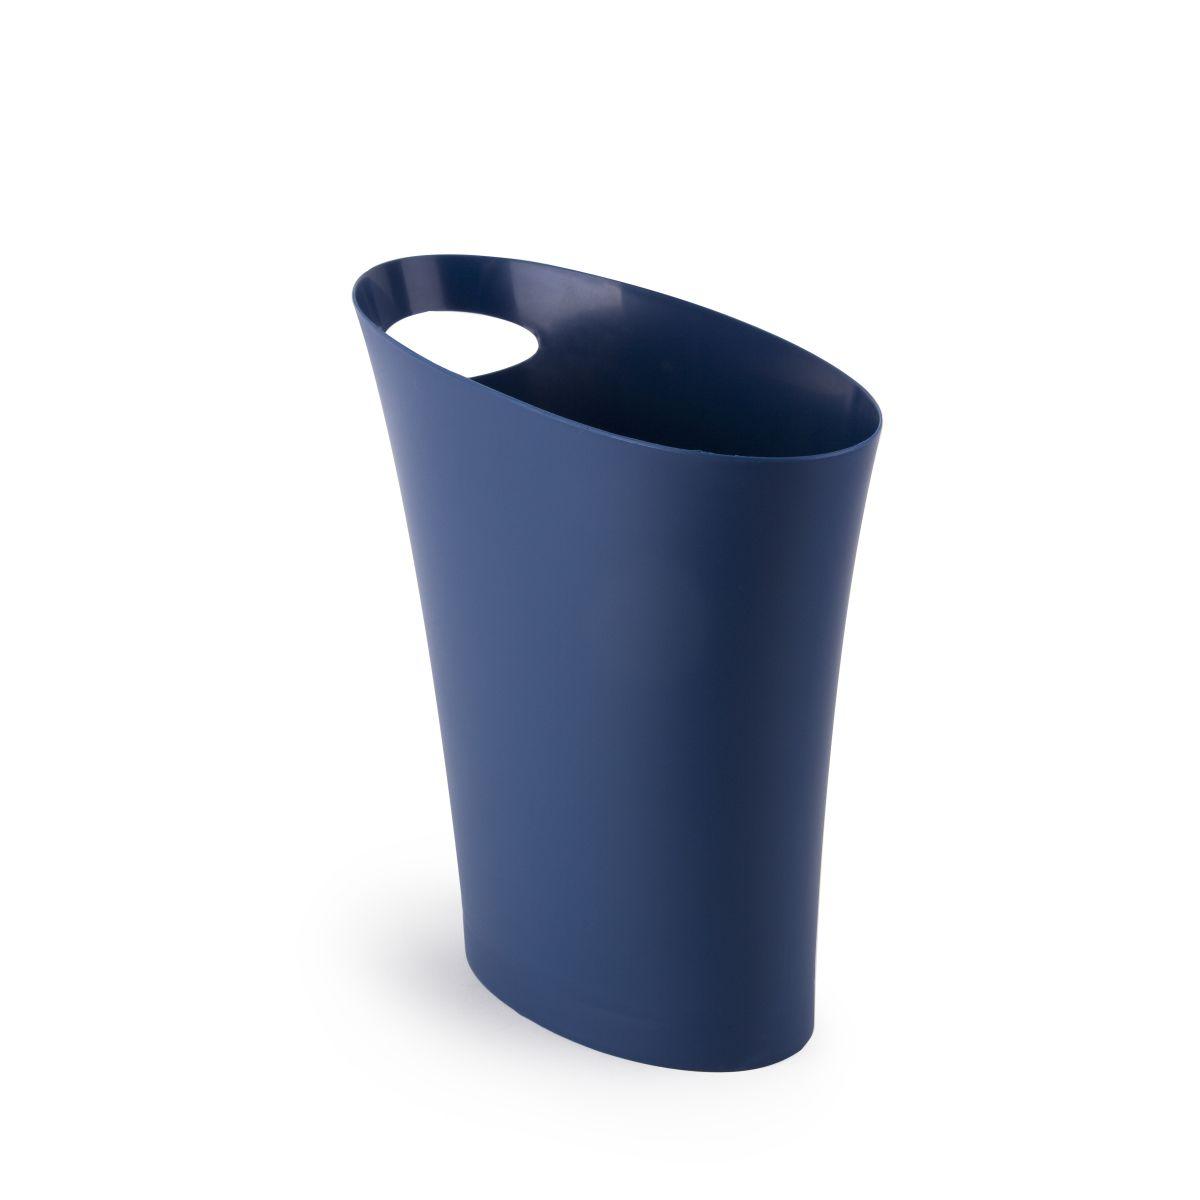 Контейнер мусорный skinny индиго UmbraХранение и порядок<br>. Бренд - Umbra. материал - полипропилен. цвет - фиолетовый.<br><br>популярные производители: Umbra<br>материал: полипропилен<br>цвет: фиолетовый